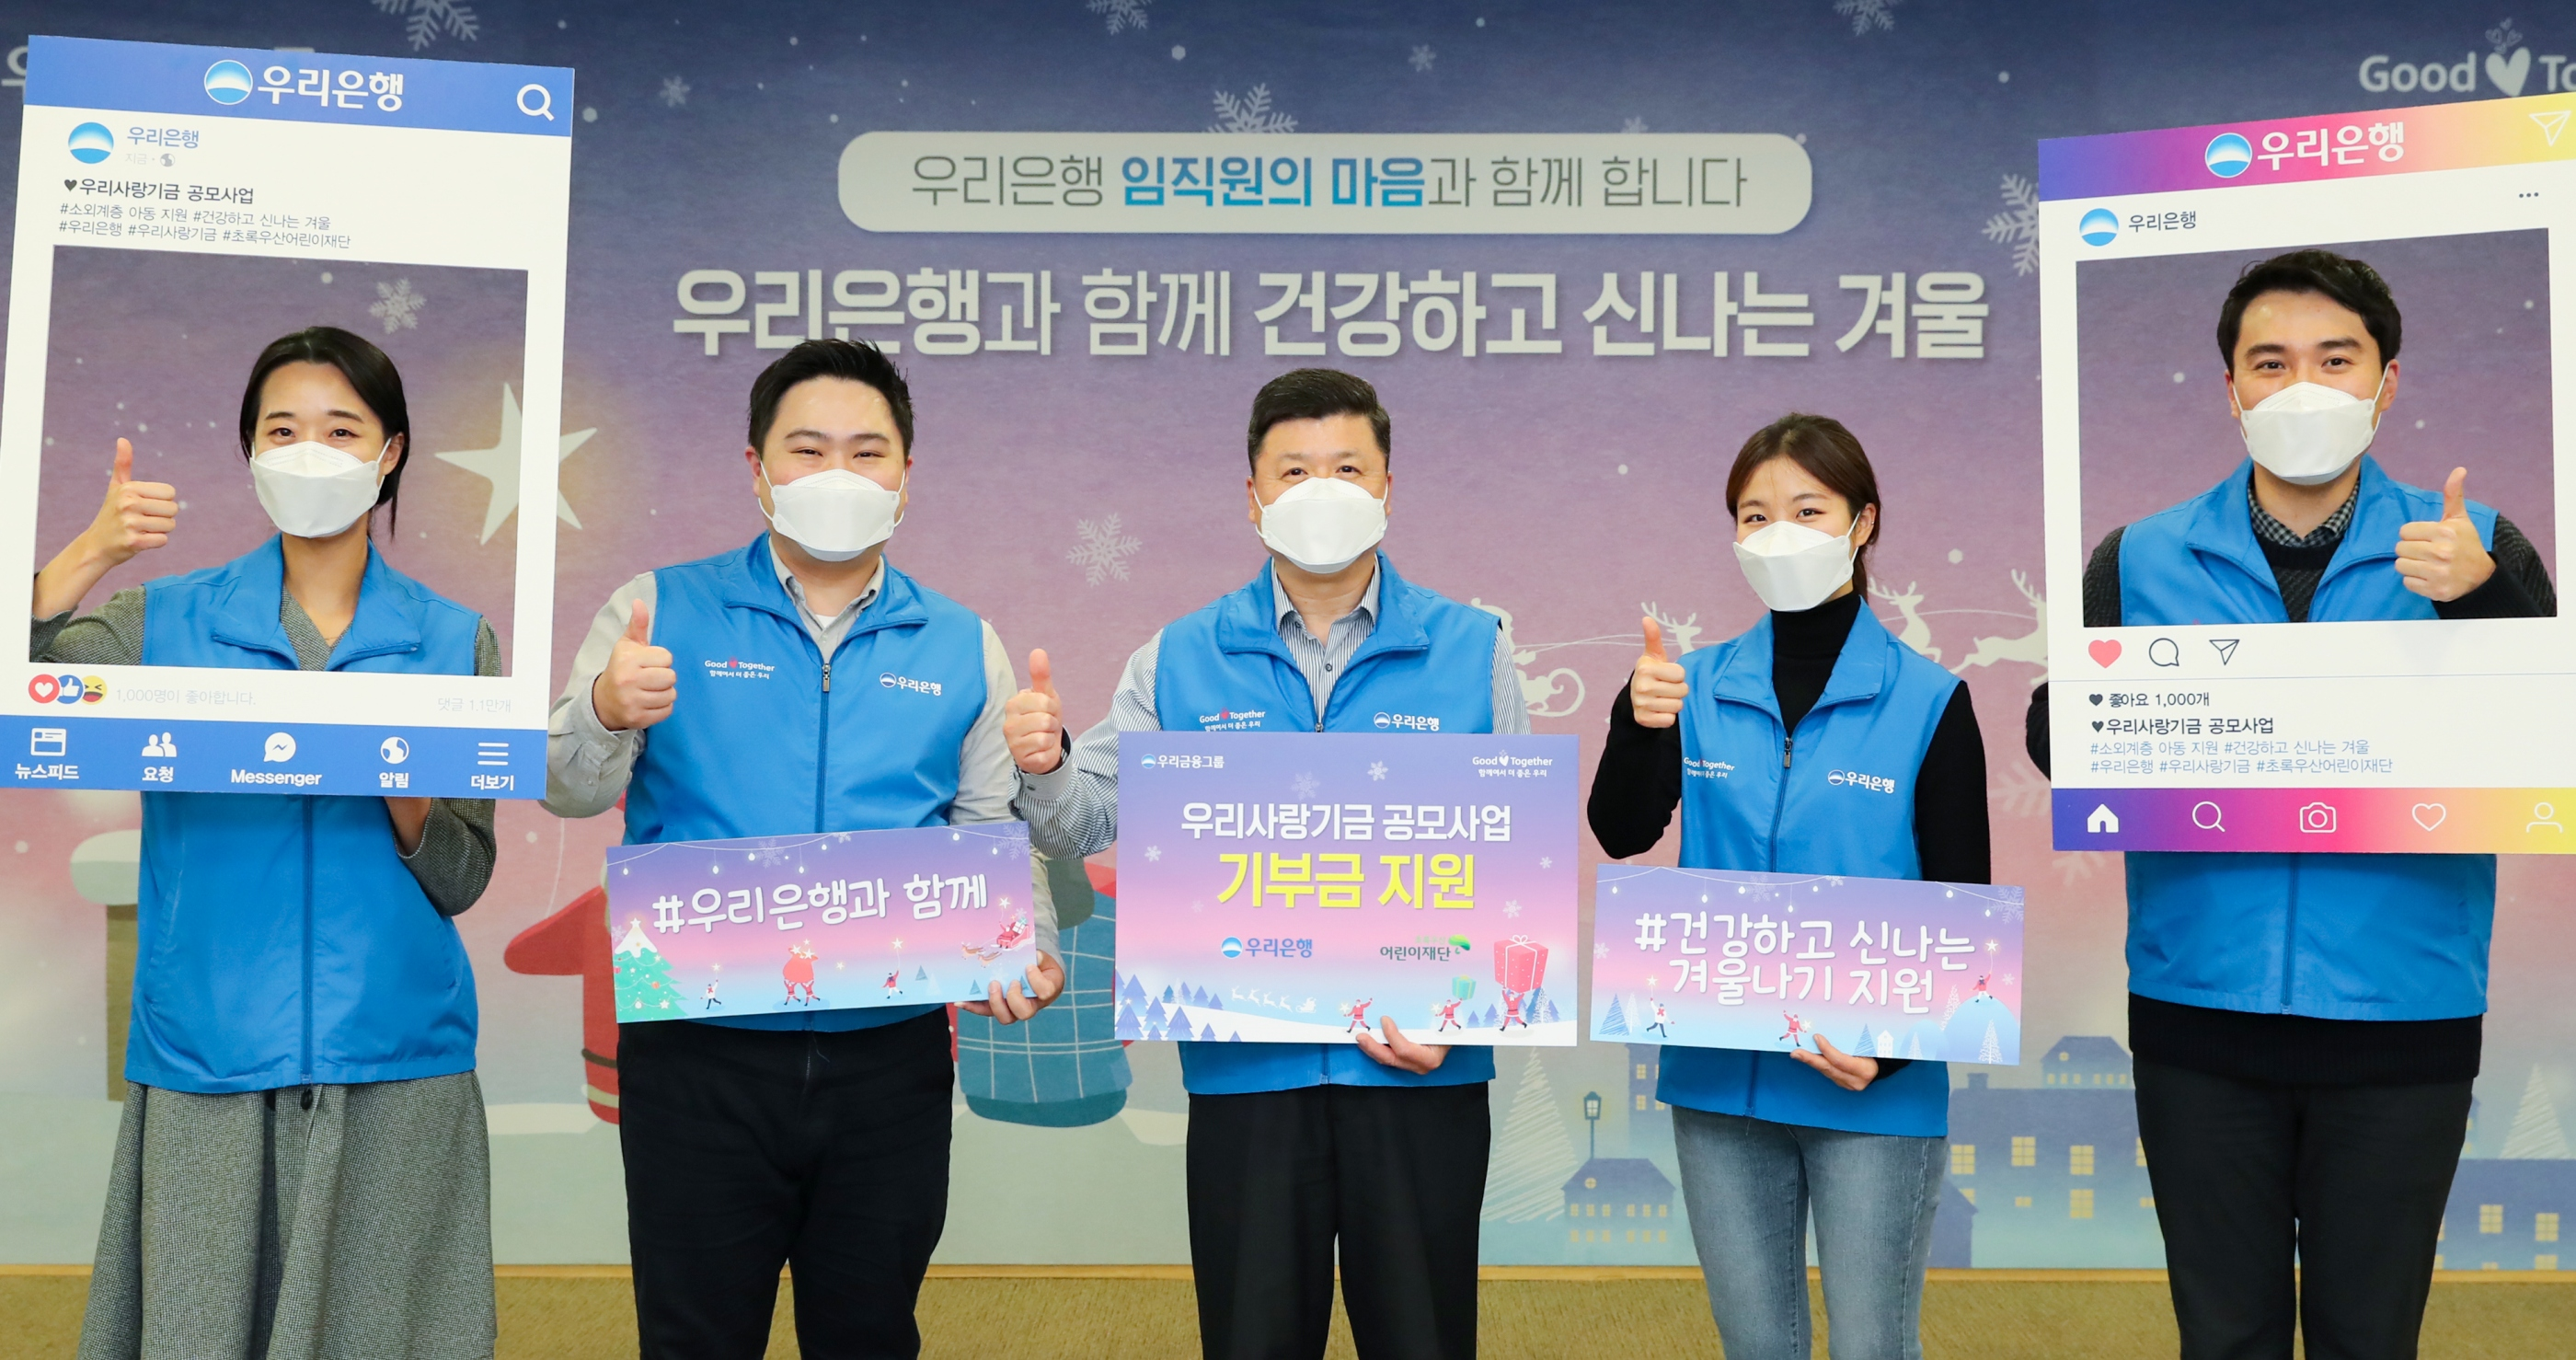 우리은행, 소외계층 아동 위한 건강하고 신나는 겨울나기 지원